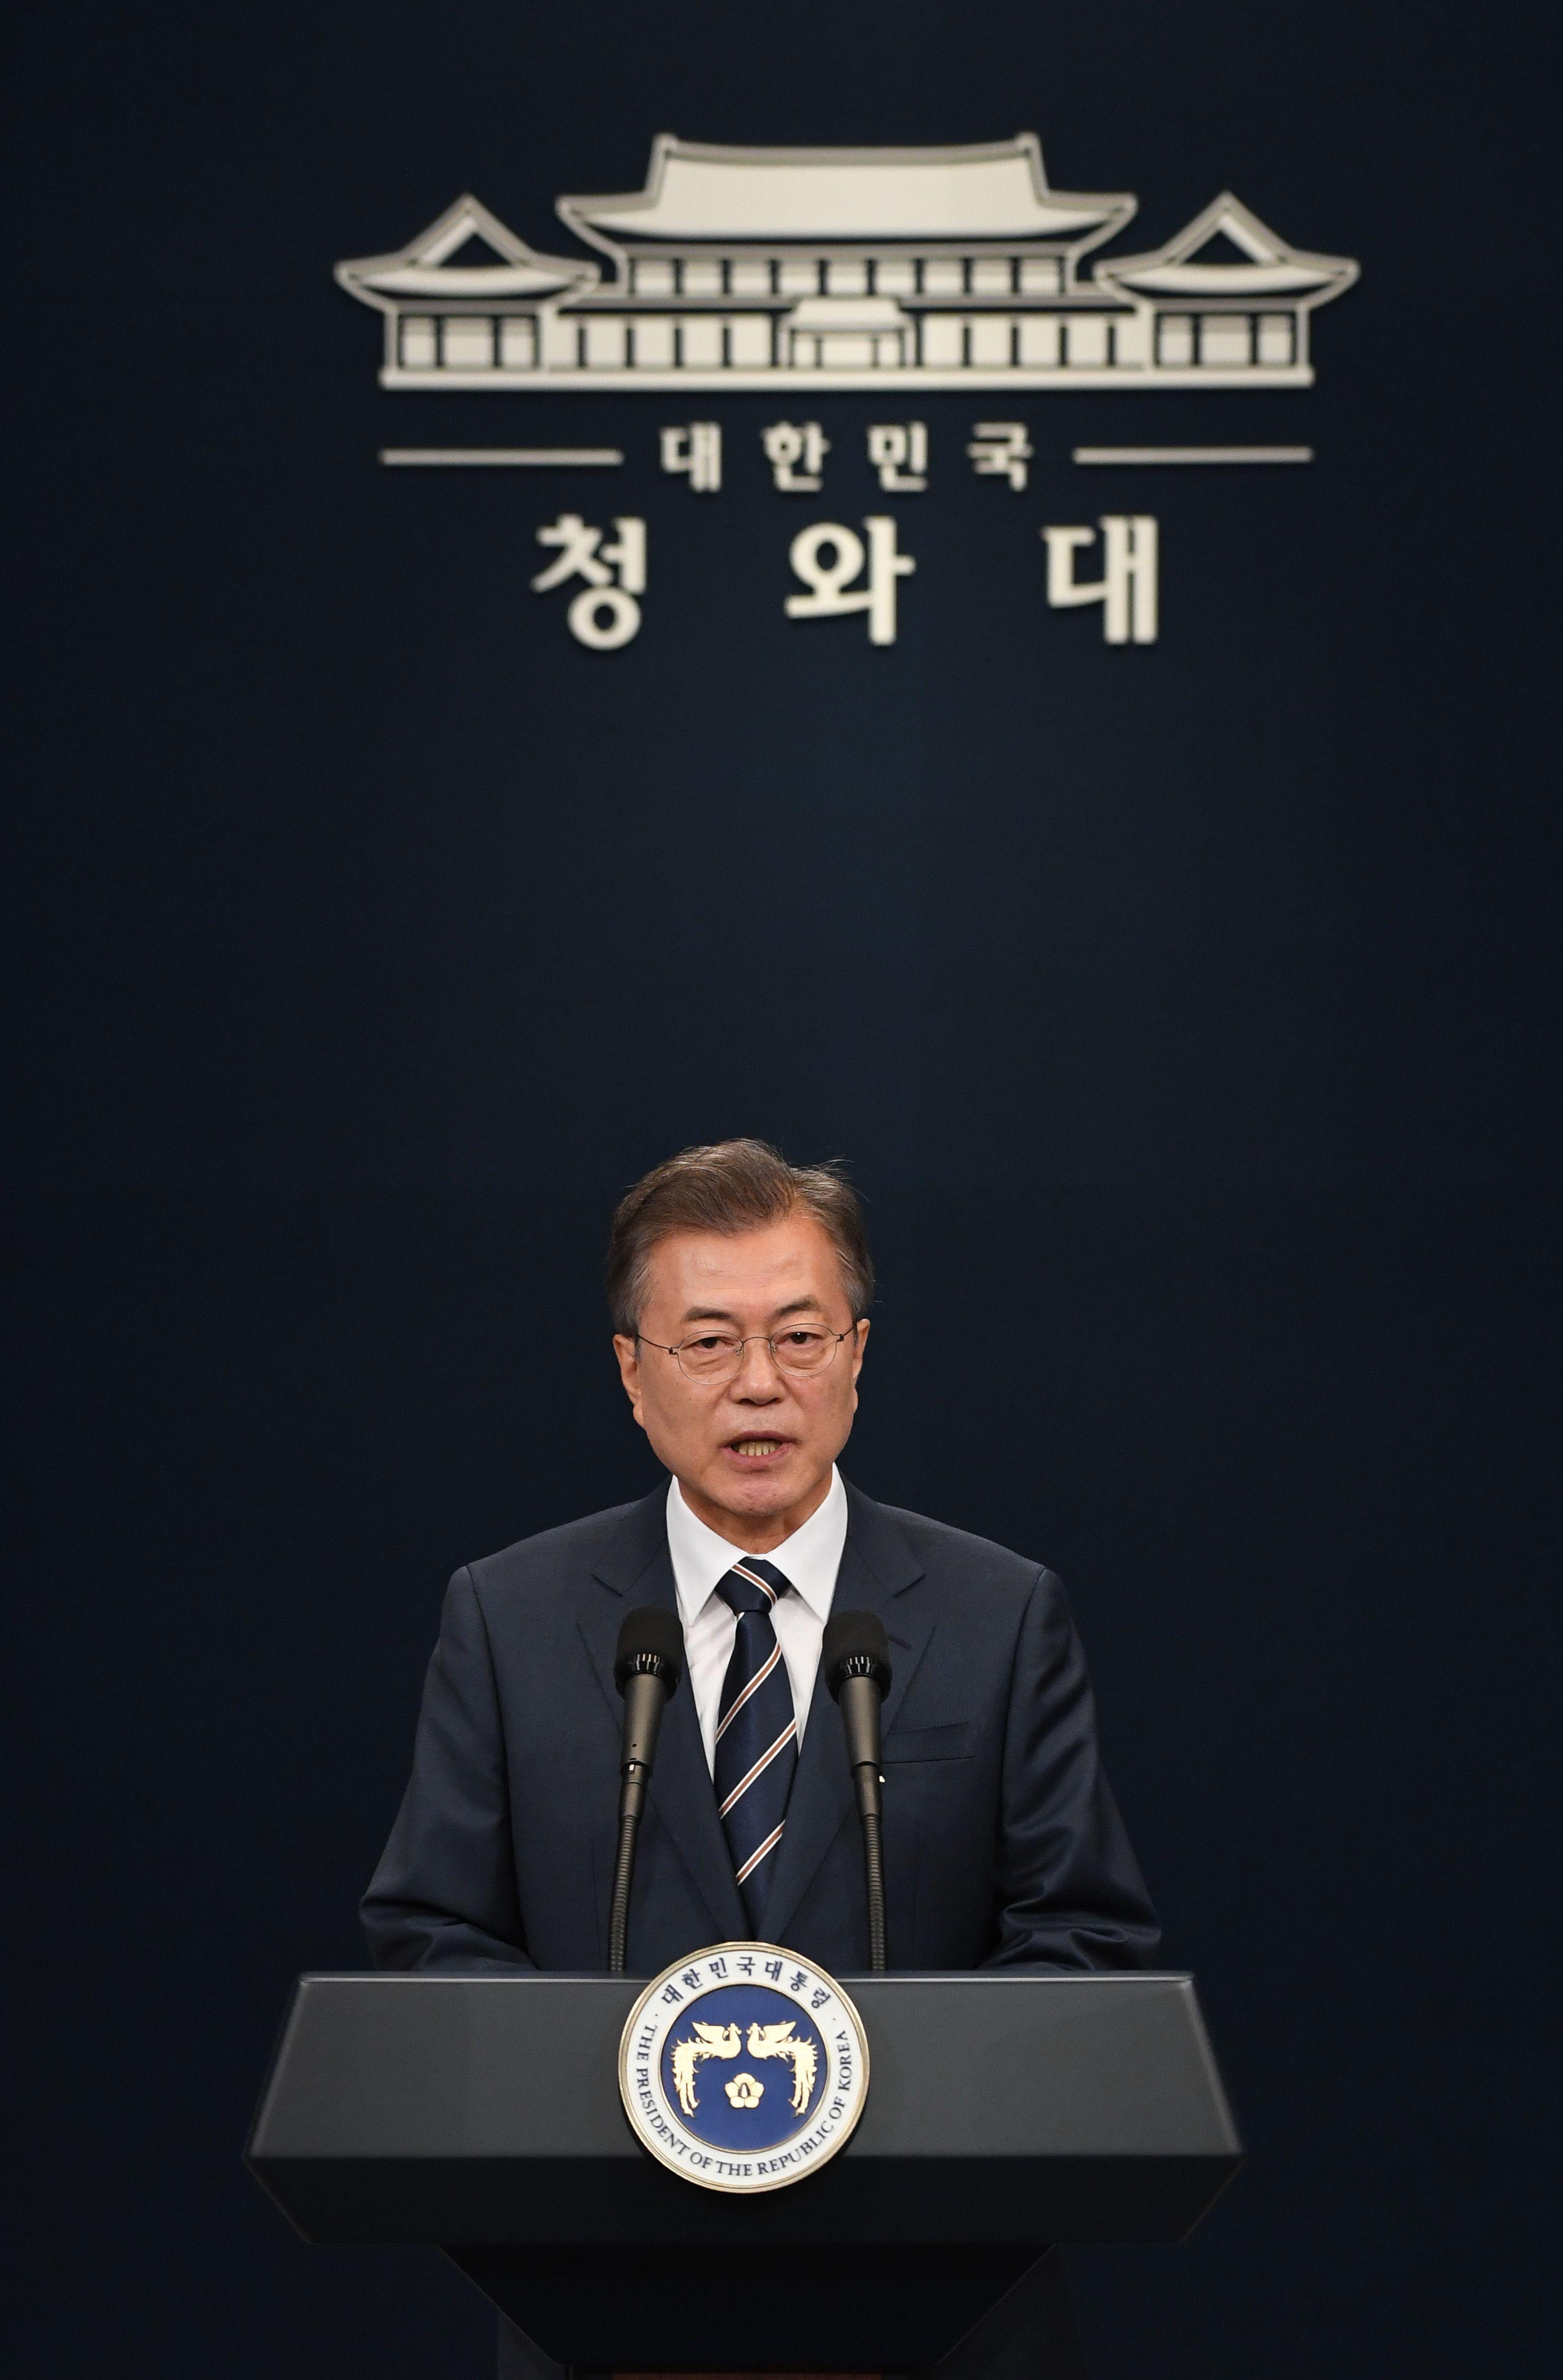 رئيس كوريا الجنوبية فى مؤتمر صحفى